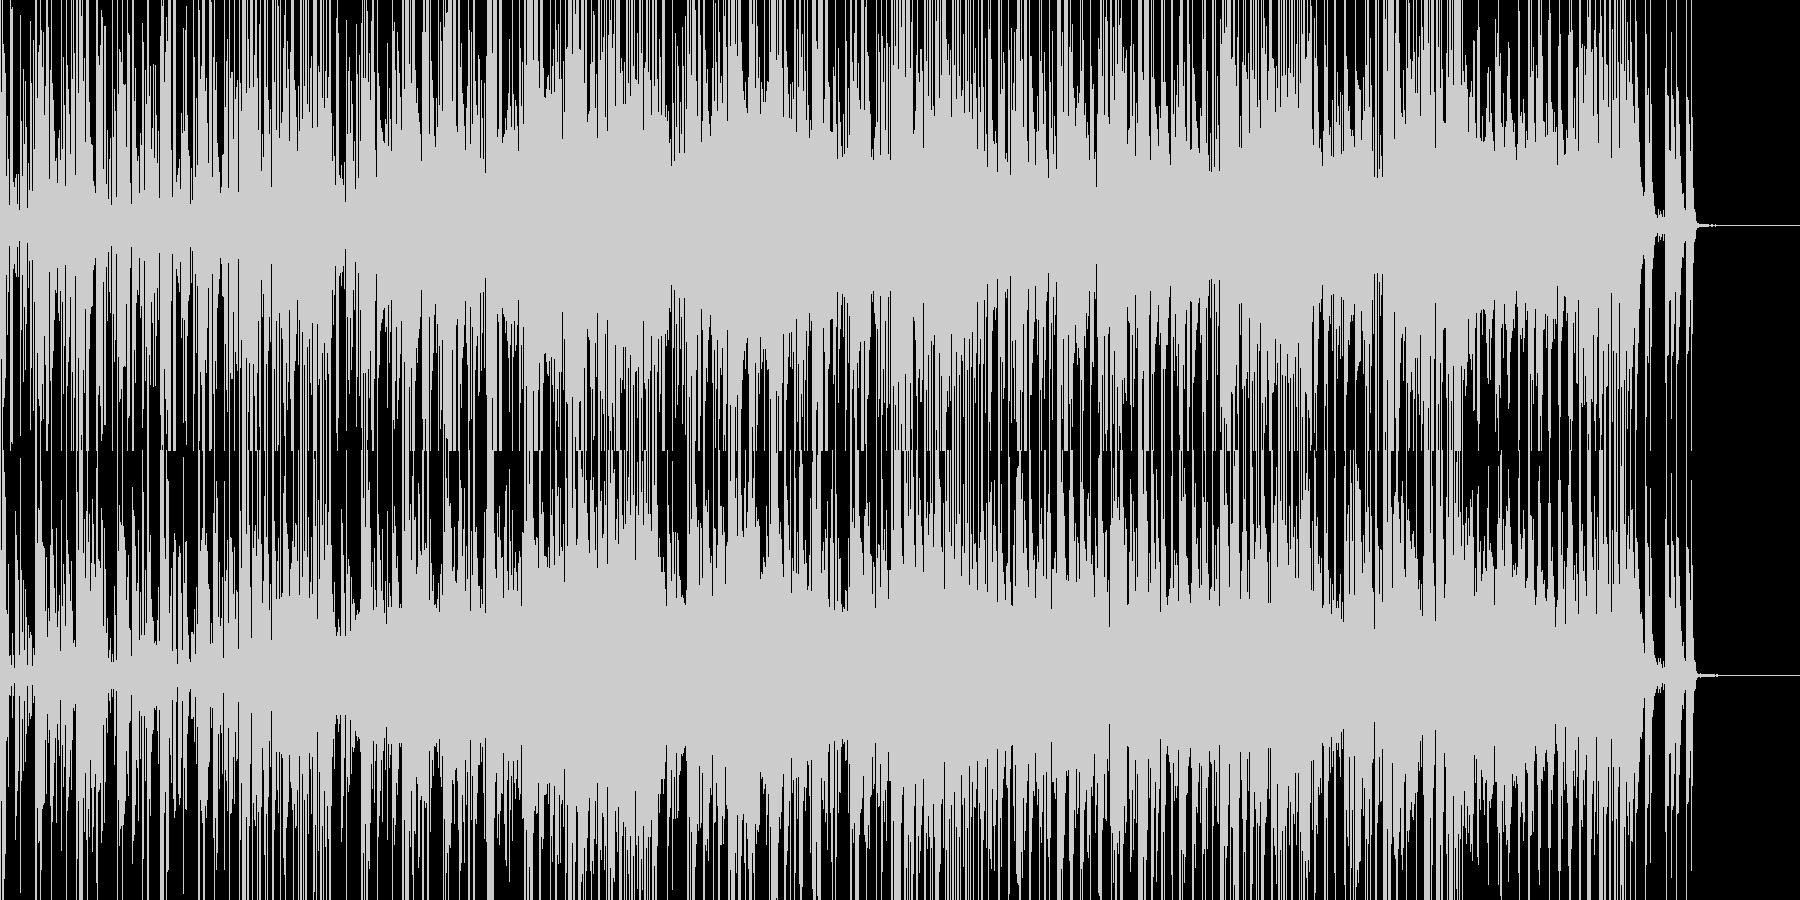 キカイの森に迷い込んだようなトランスの未再生の波形